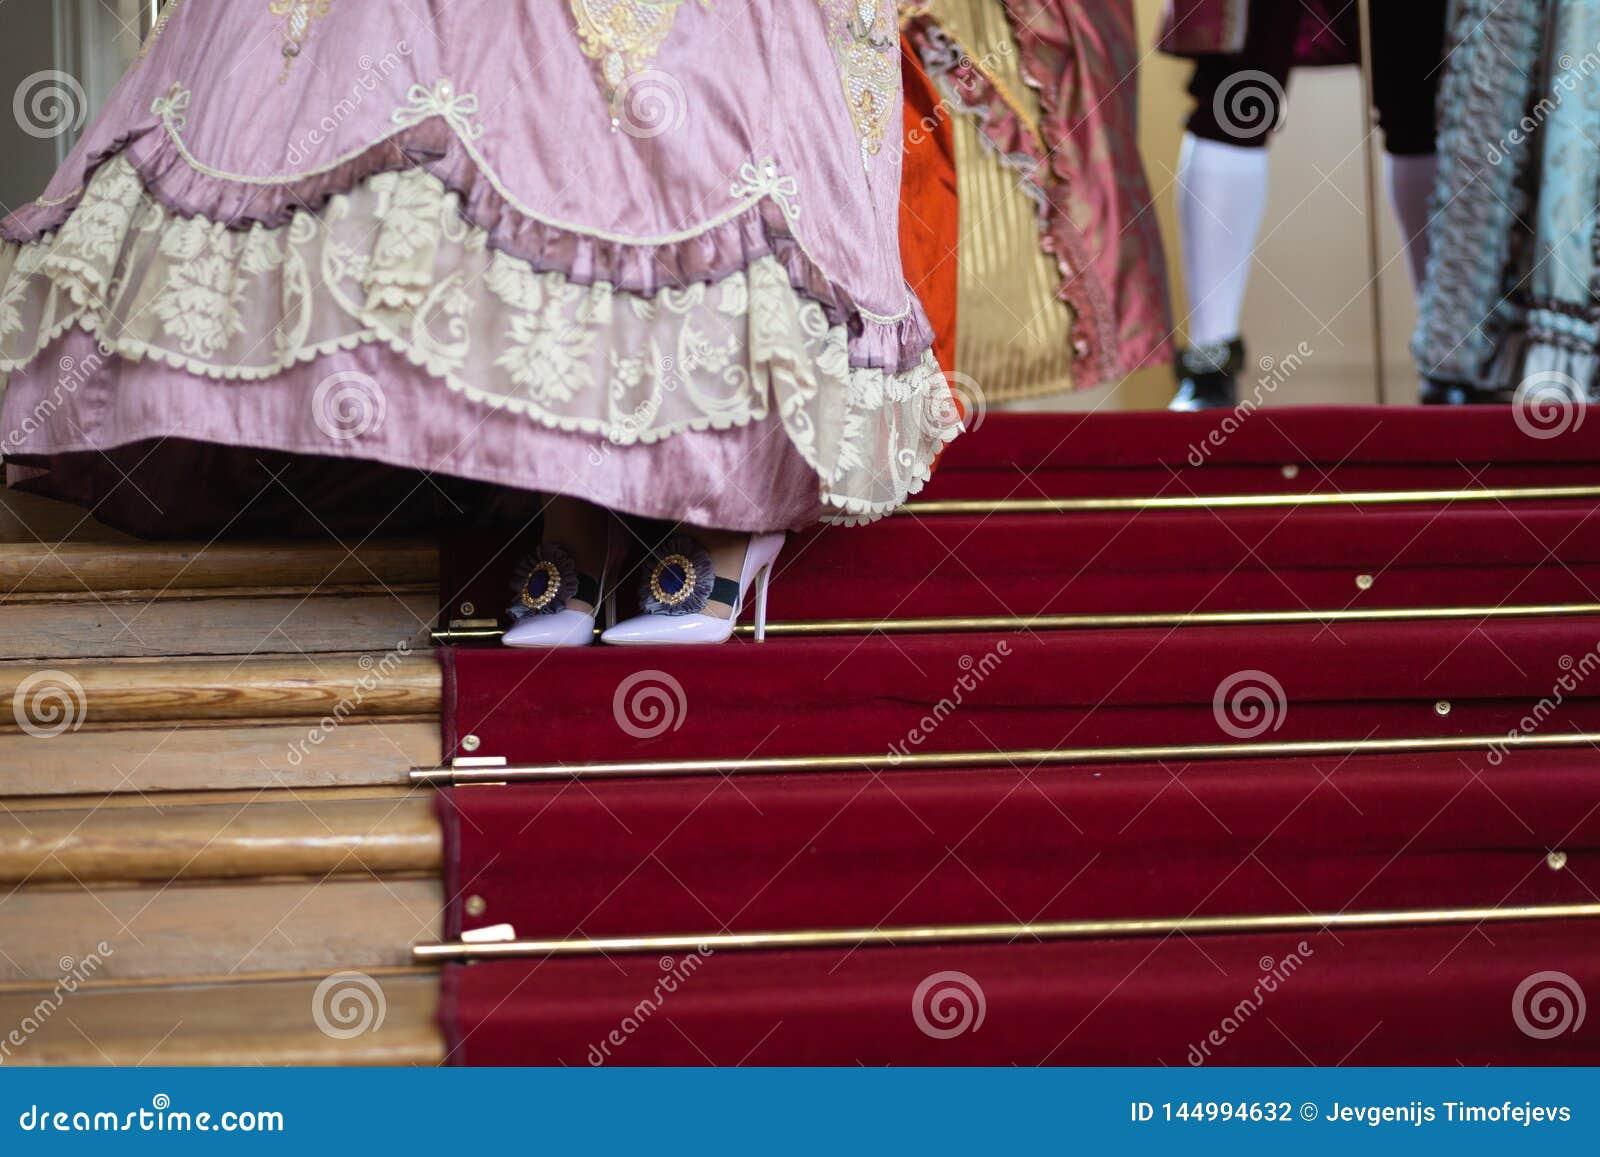 Schoenen - Retro stijl koninklijke middeleeuwse bal - Majestueus paleis met schitterende mensen gekleed in koning en van de konin